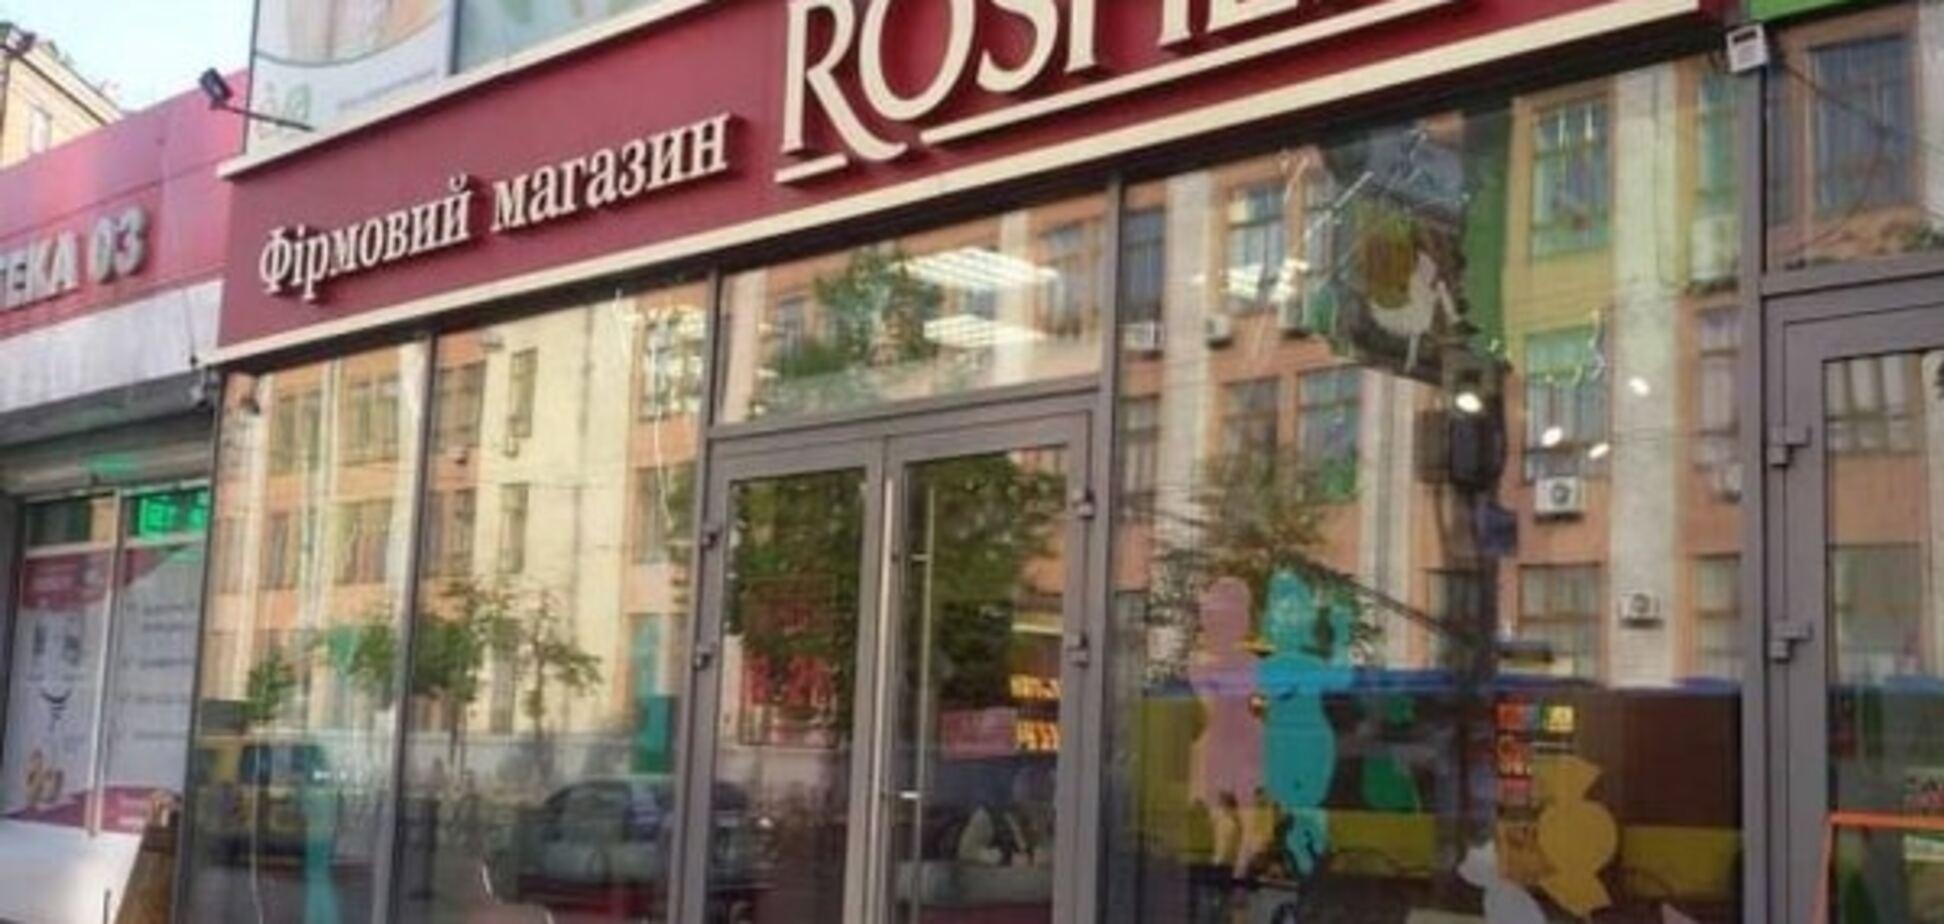 Терористів потягнуло на солодке: у Києві 'замінували' два магазини Roshen